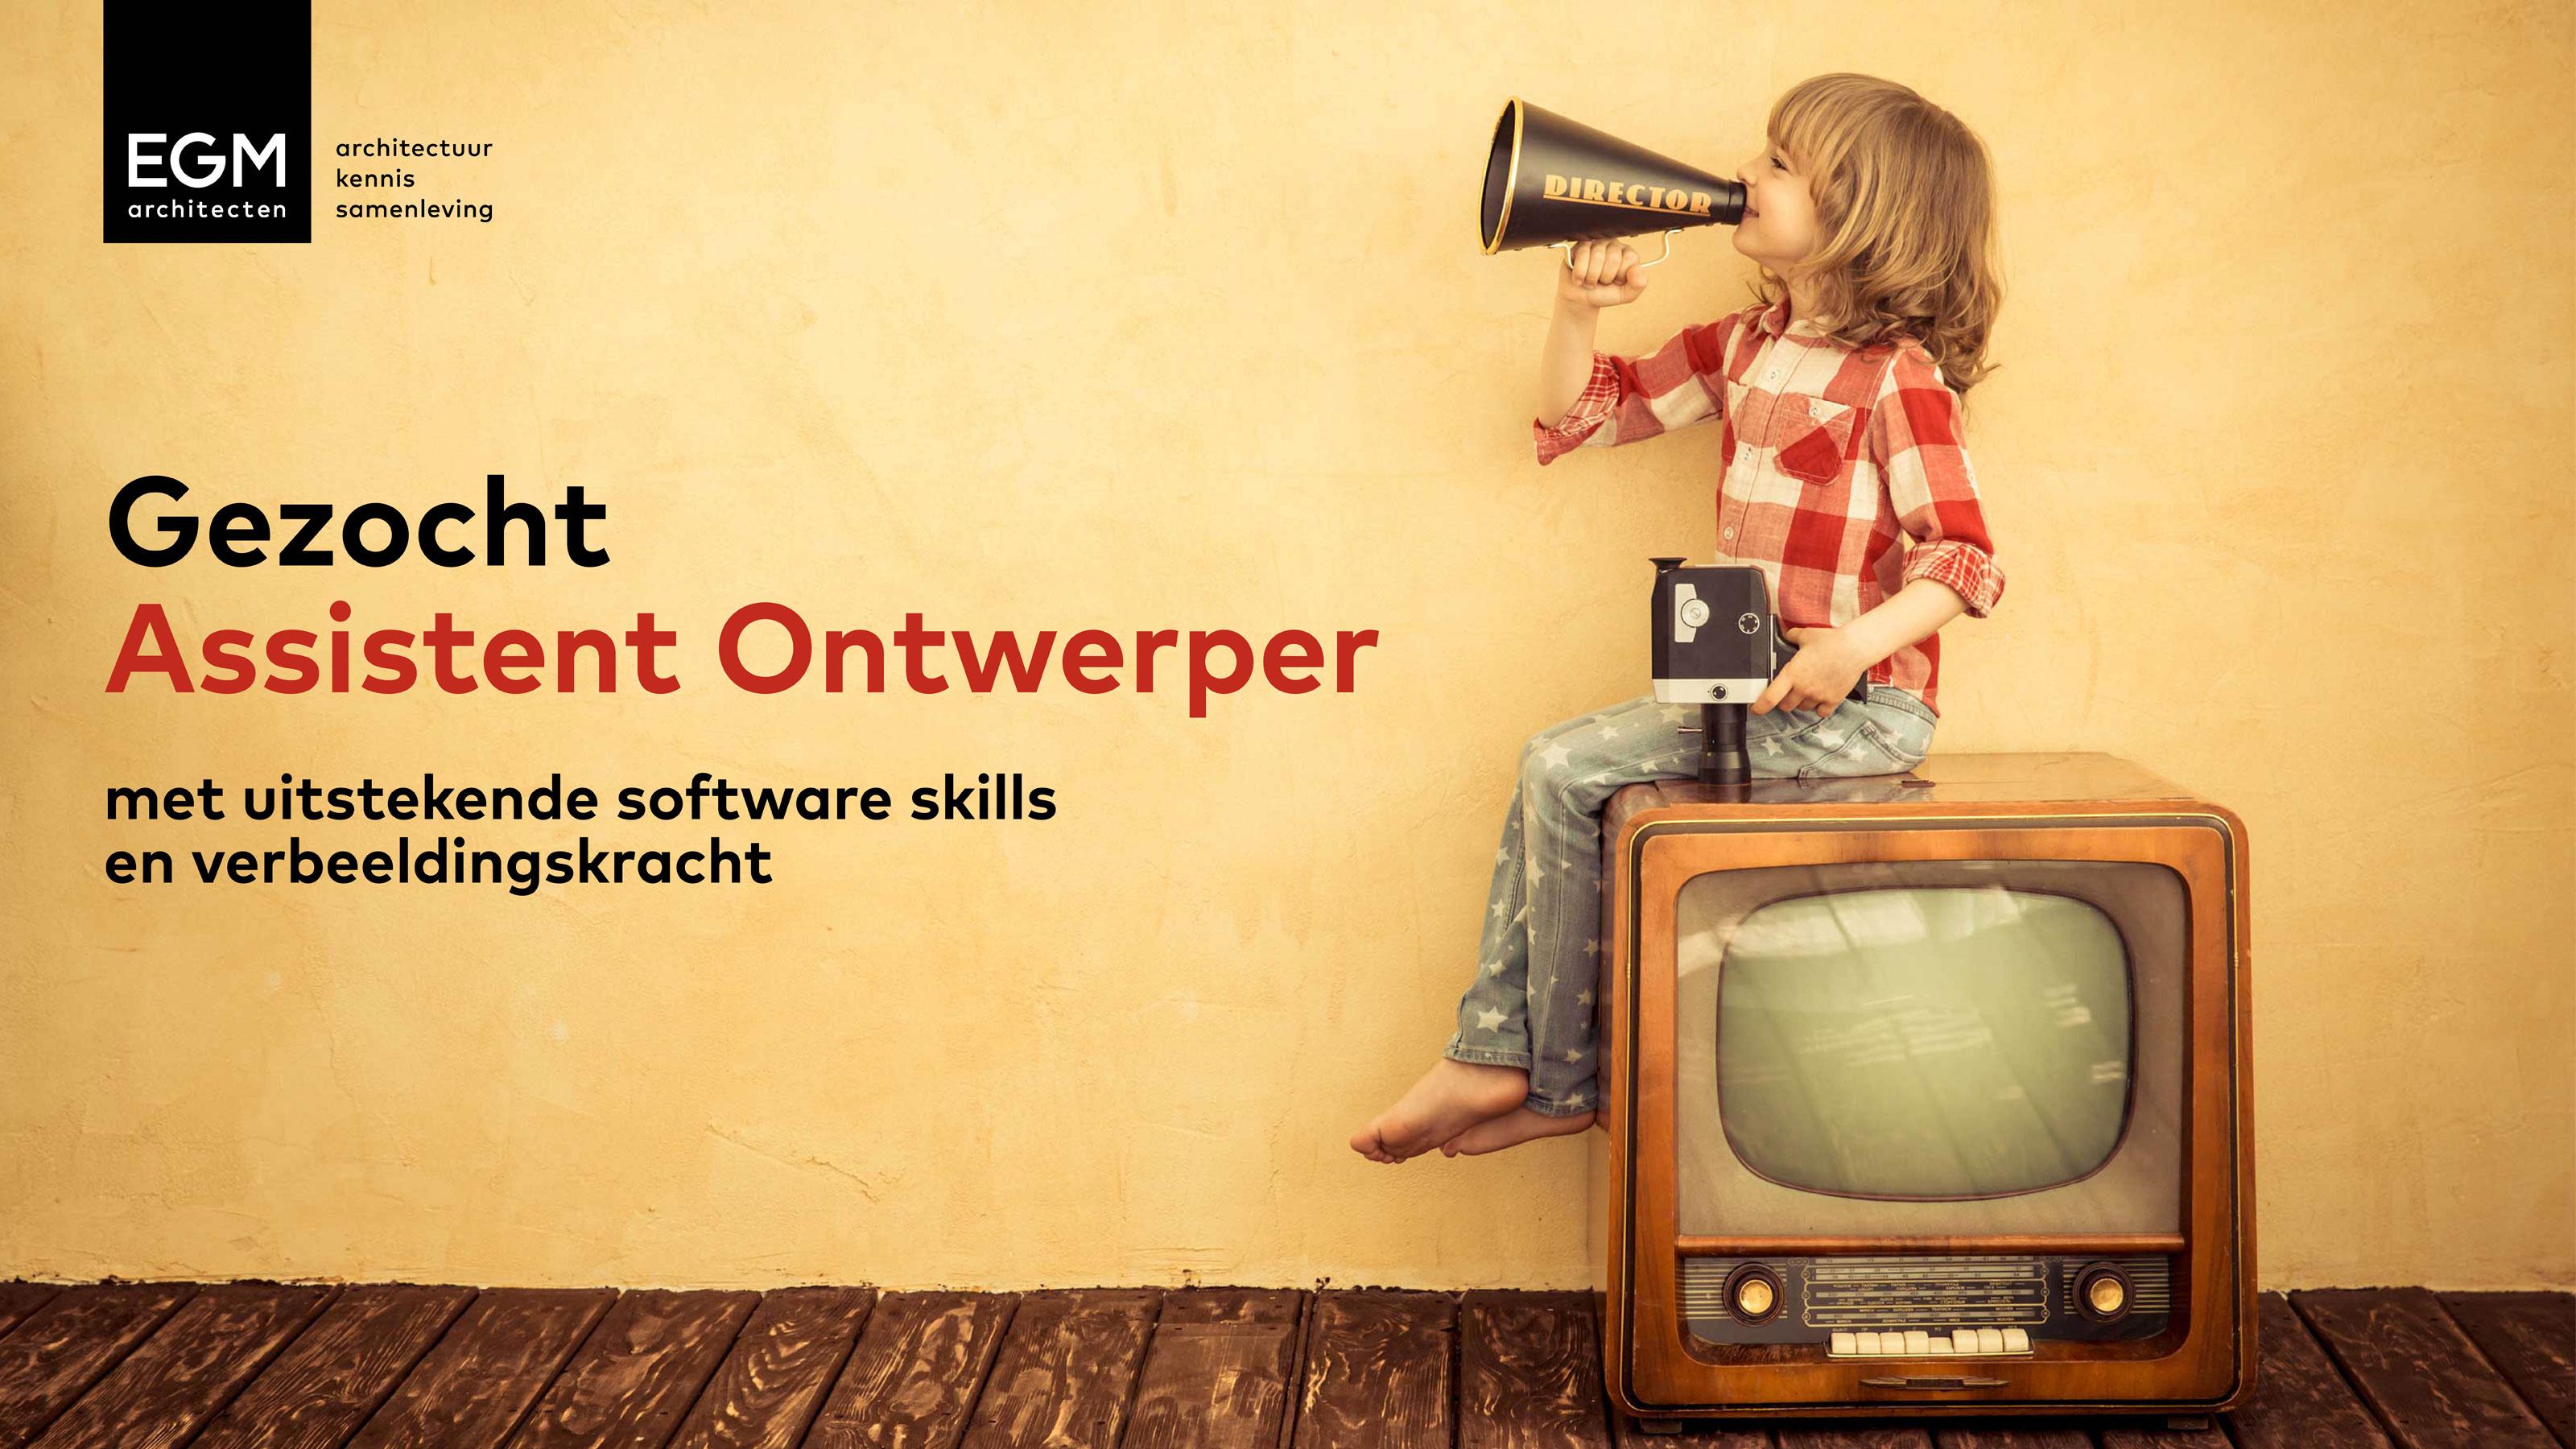 Over EGM – Werken Bij – Assistent Ontwerper | EGM architecten